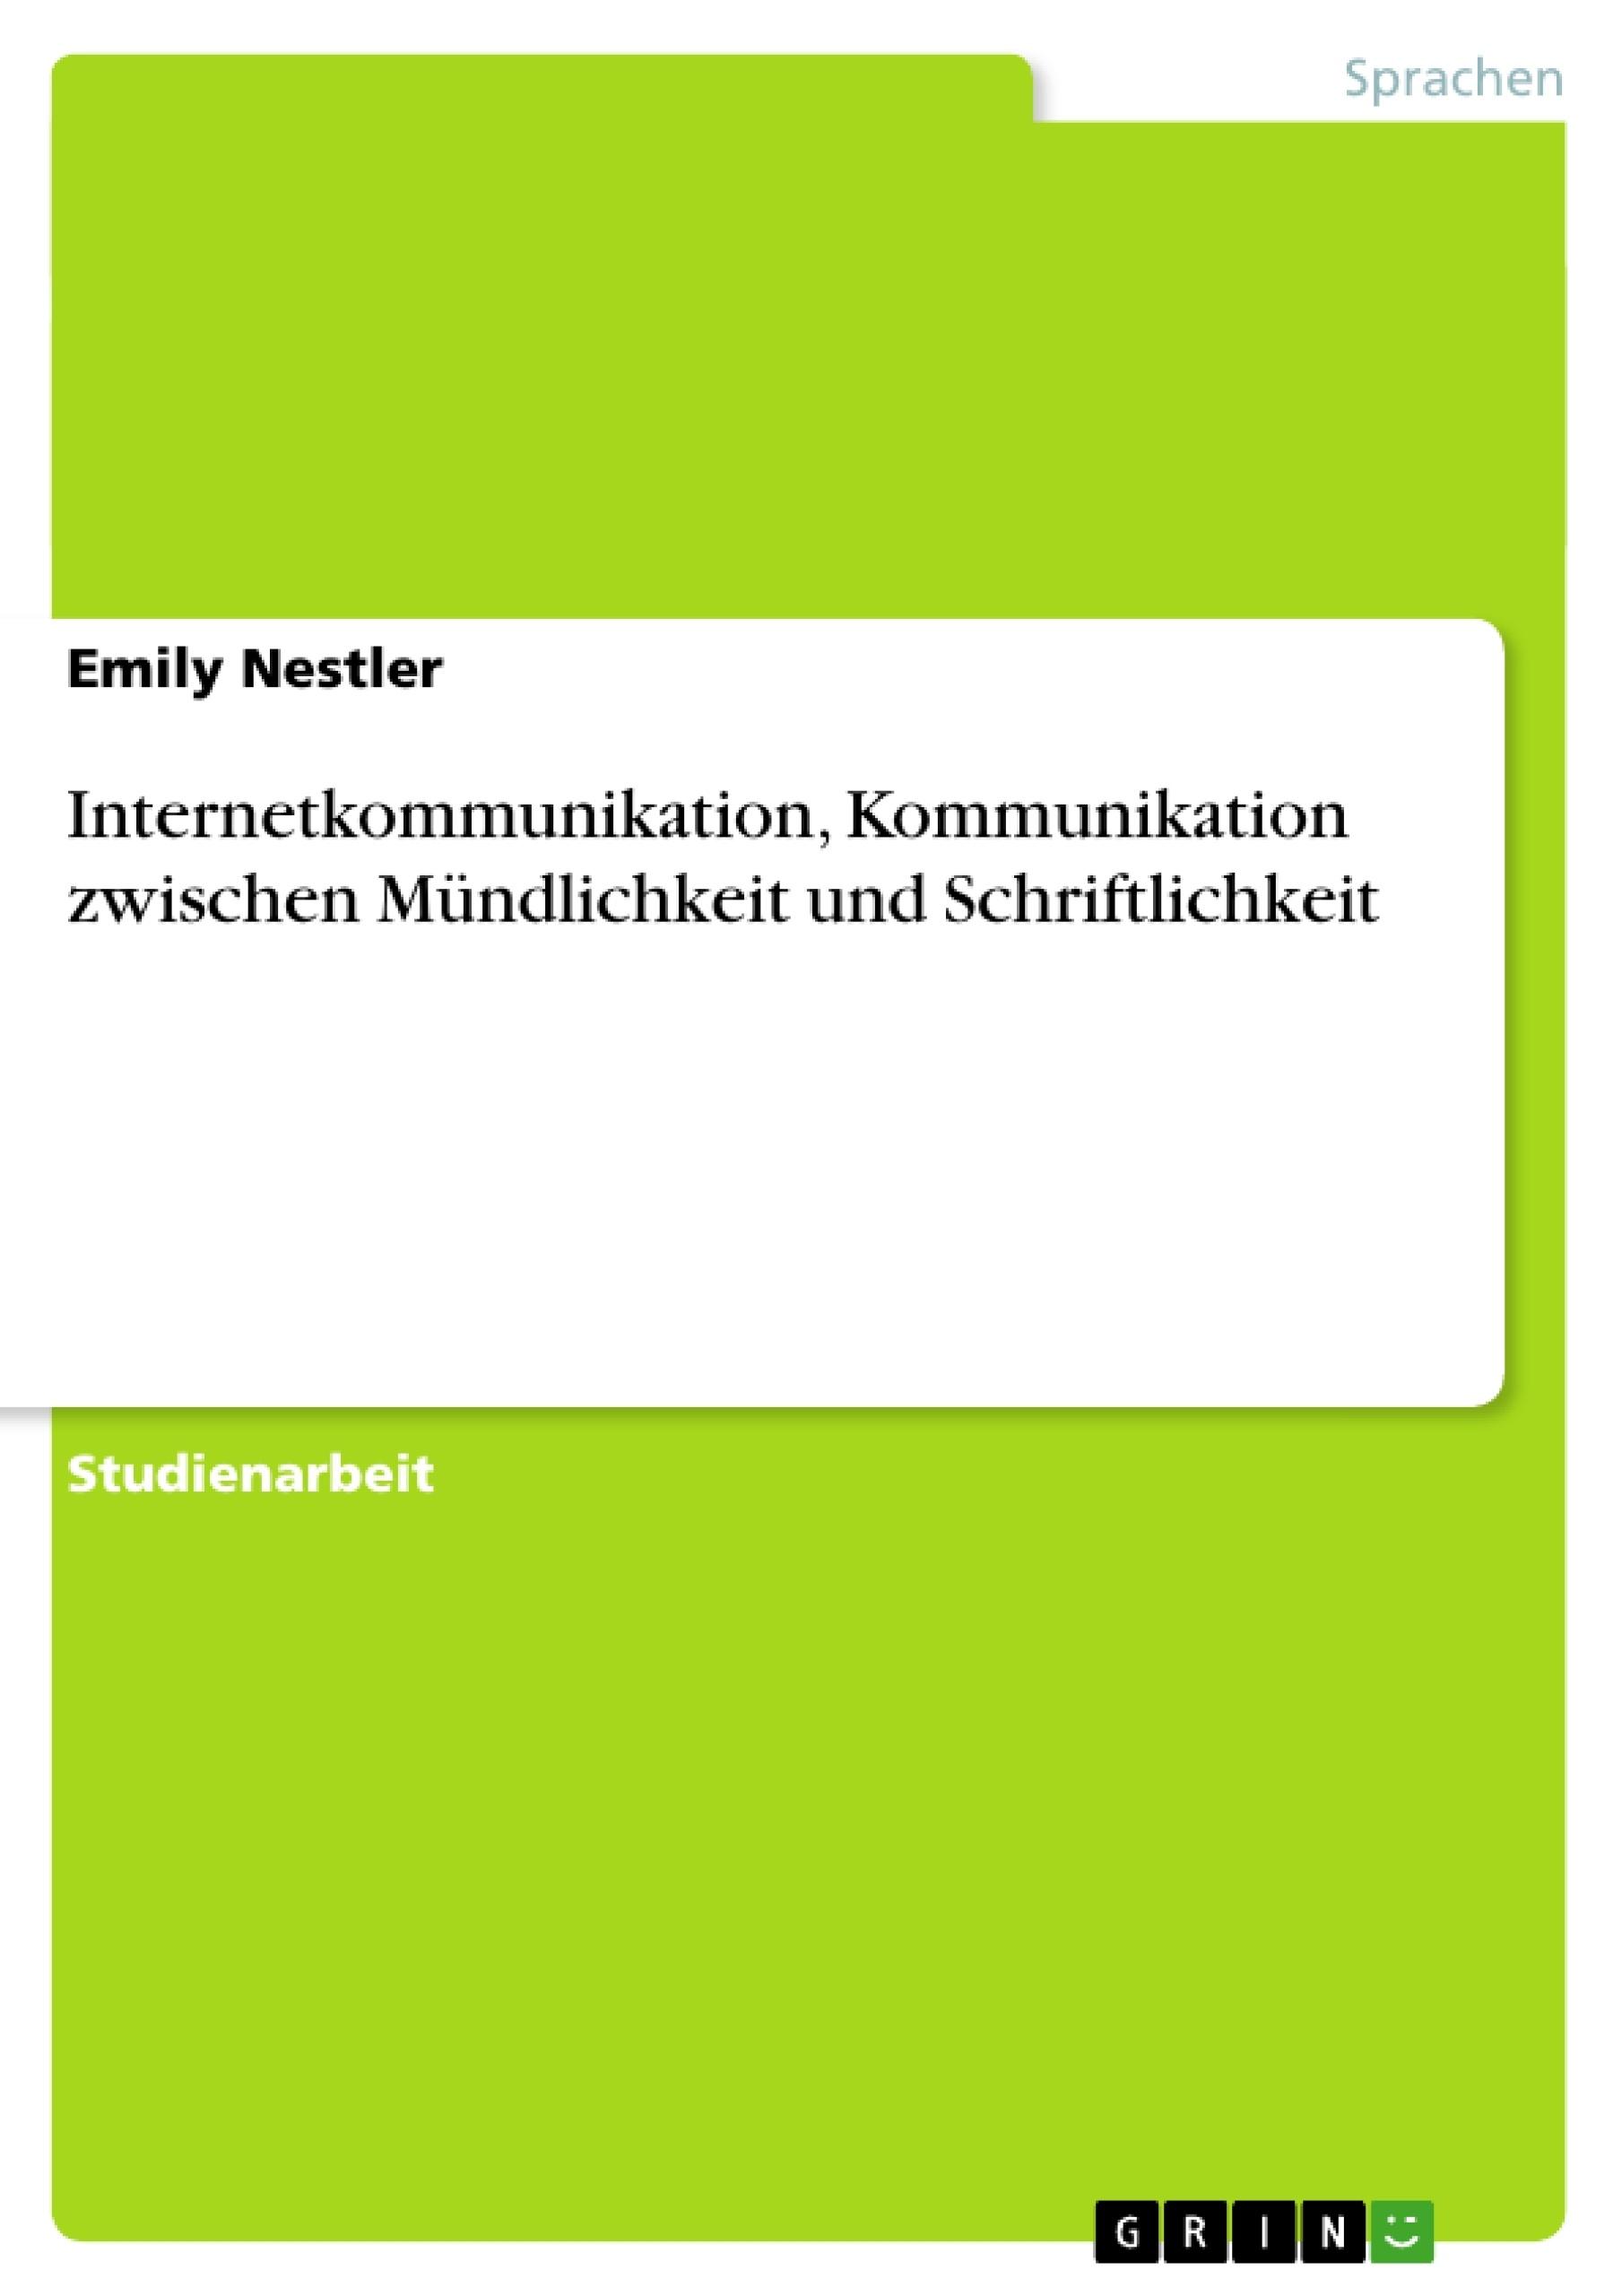 Titel: Internetkommunikation, Kommunikation zwischen Mündlichkeit und Schriftlichkeit